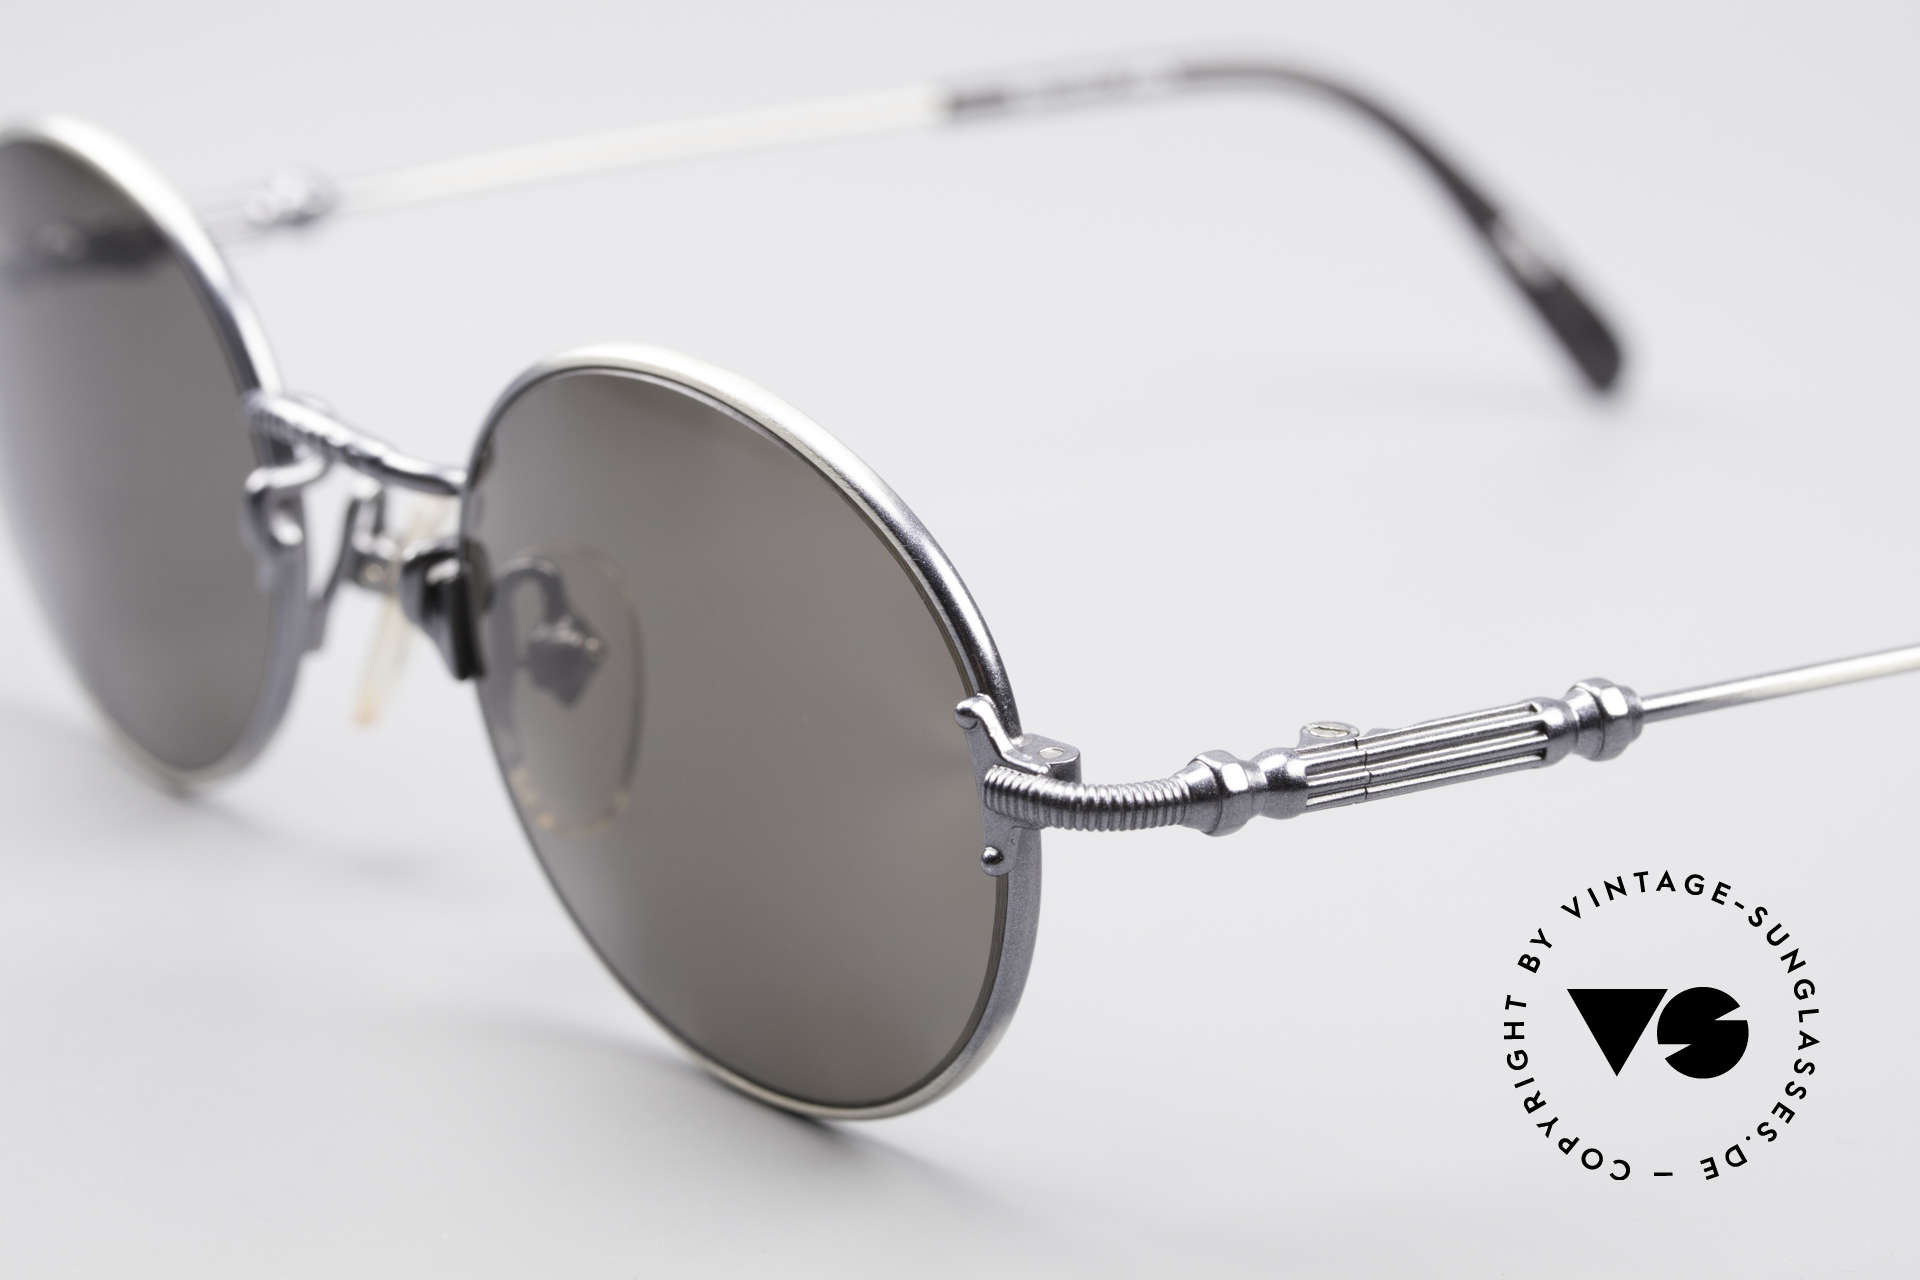 Jean Paul Gaultier 55-6109 Kleine Brille Polarisierend, ein echtes Designerstück in herausragender Qualität!, Passend für Herren und Damen